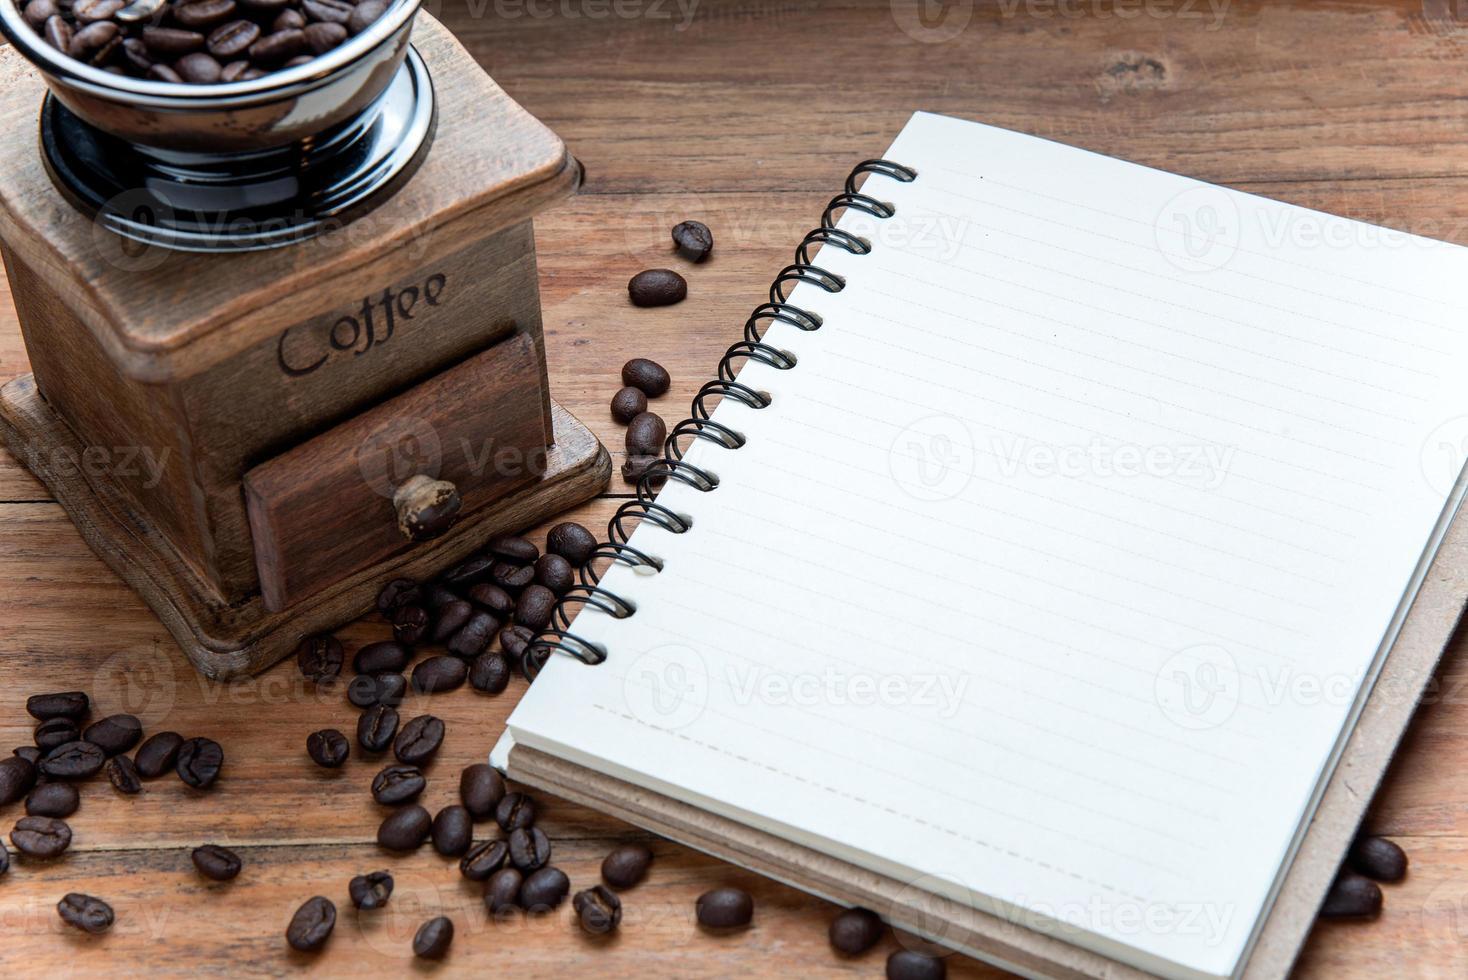 anteckningsbok med kaffebönor och kaffekvarn på träbord. foto